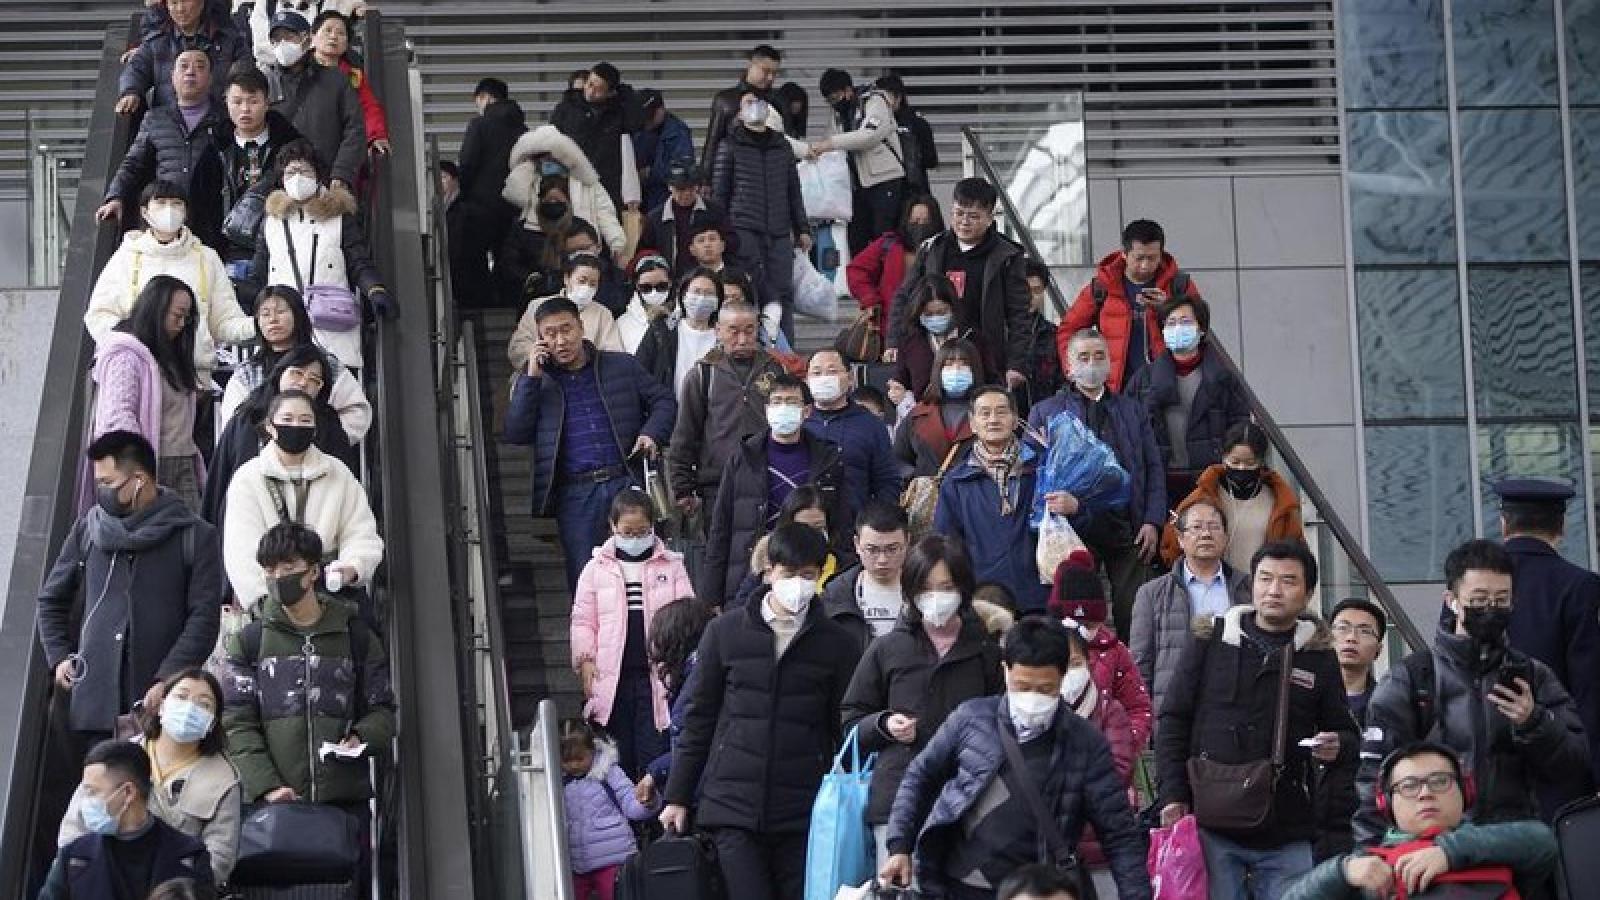 Ca Covid-19 trong cộng đồng ở Trung Quốc làm 8.000 người bị cách ly